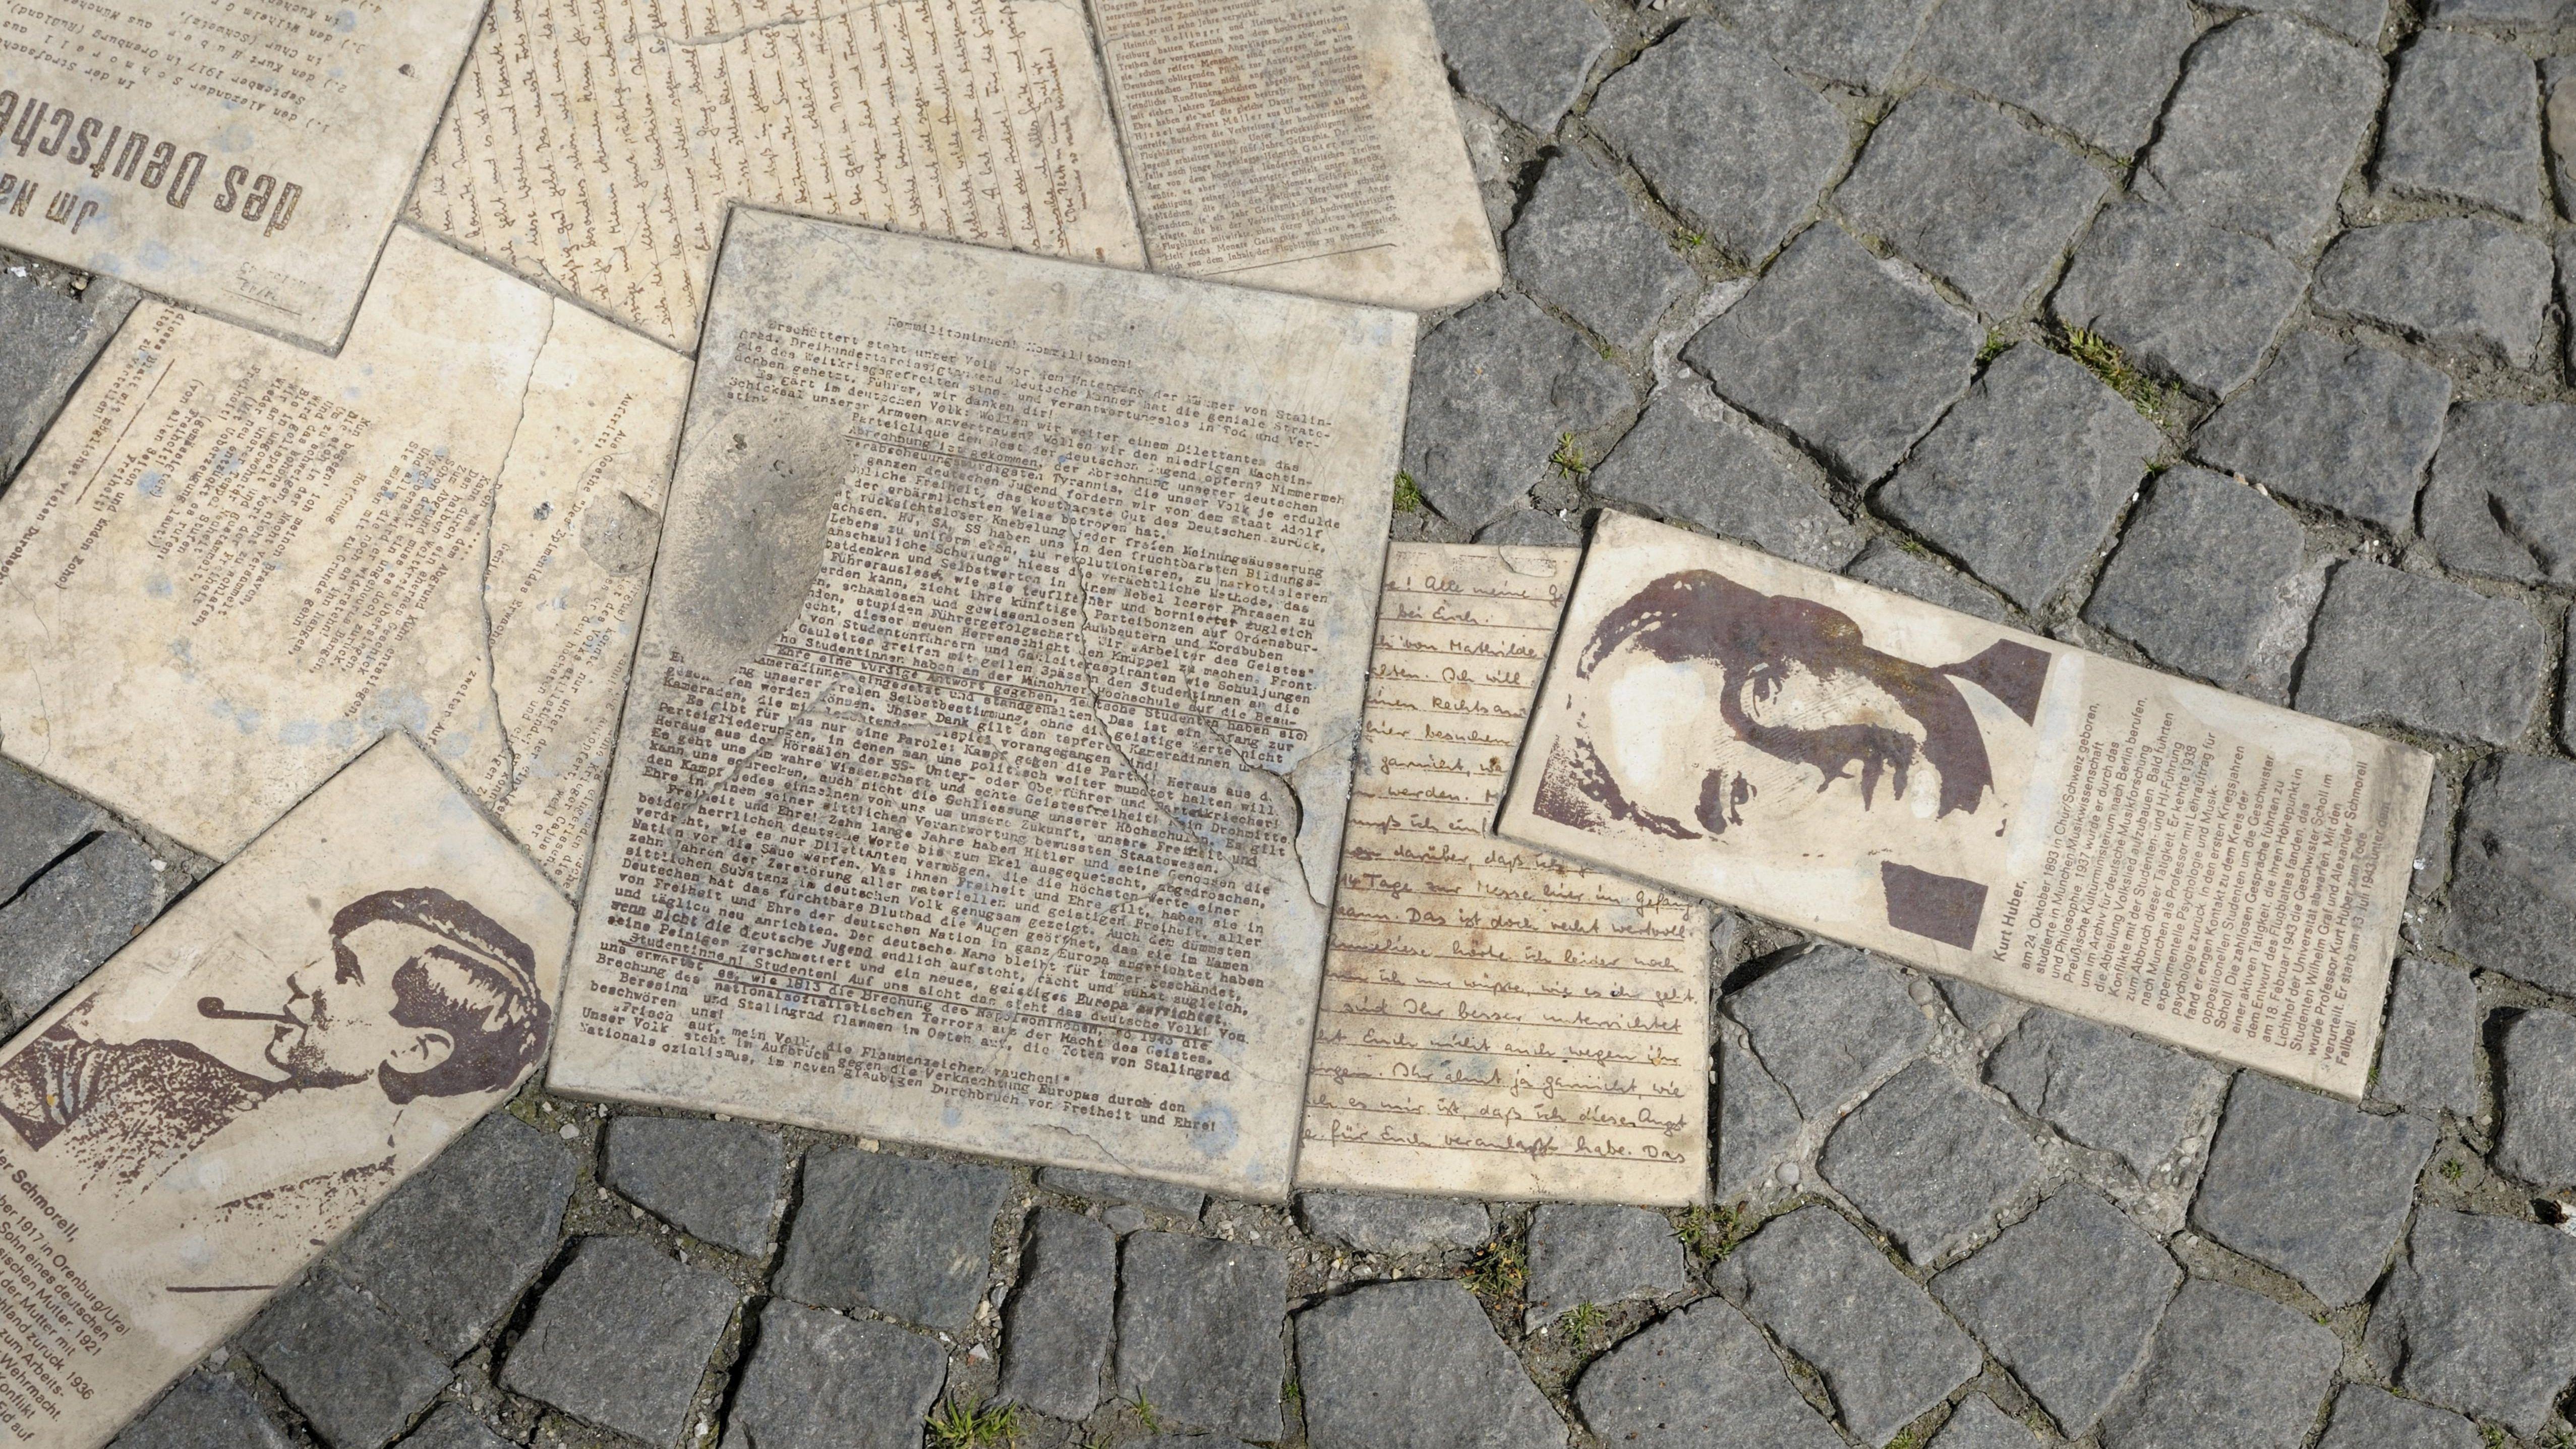 """Ein Denkmal zu Ehren der Widerstandsgruppe """"Weiße Rose"""" in München. Die Mitglieder veröffentlichten Flugblätter gegen die NS-Diktatur. Der Historiker Wolfgang Benz erzählt in seinem Buch """"Im Widerstand"""" auch von Hans und Sophie Scholl."""